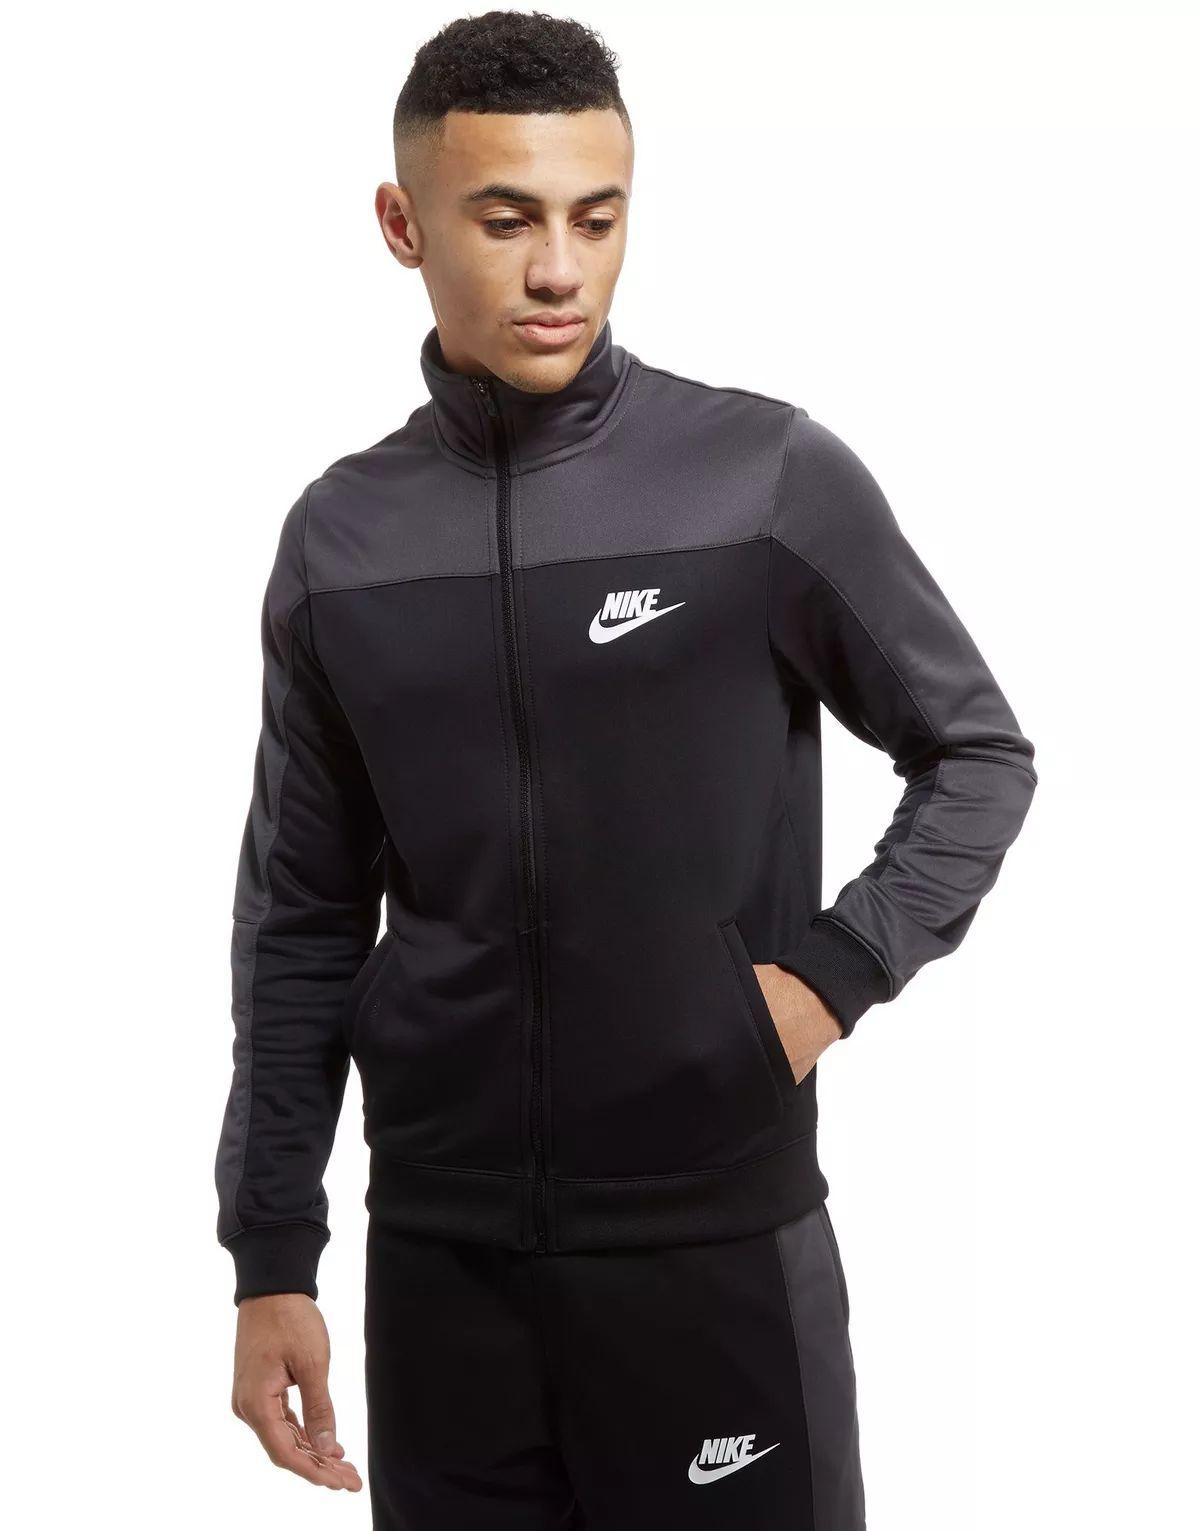 Veste Nike Haut Season Colour Block Poly Track - taille L, noir